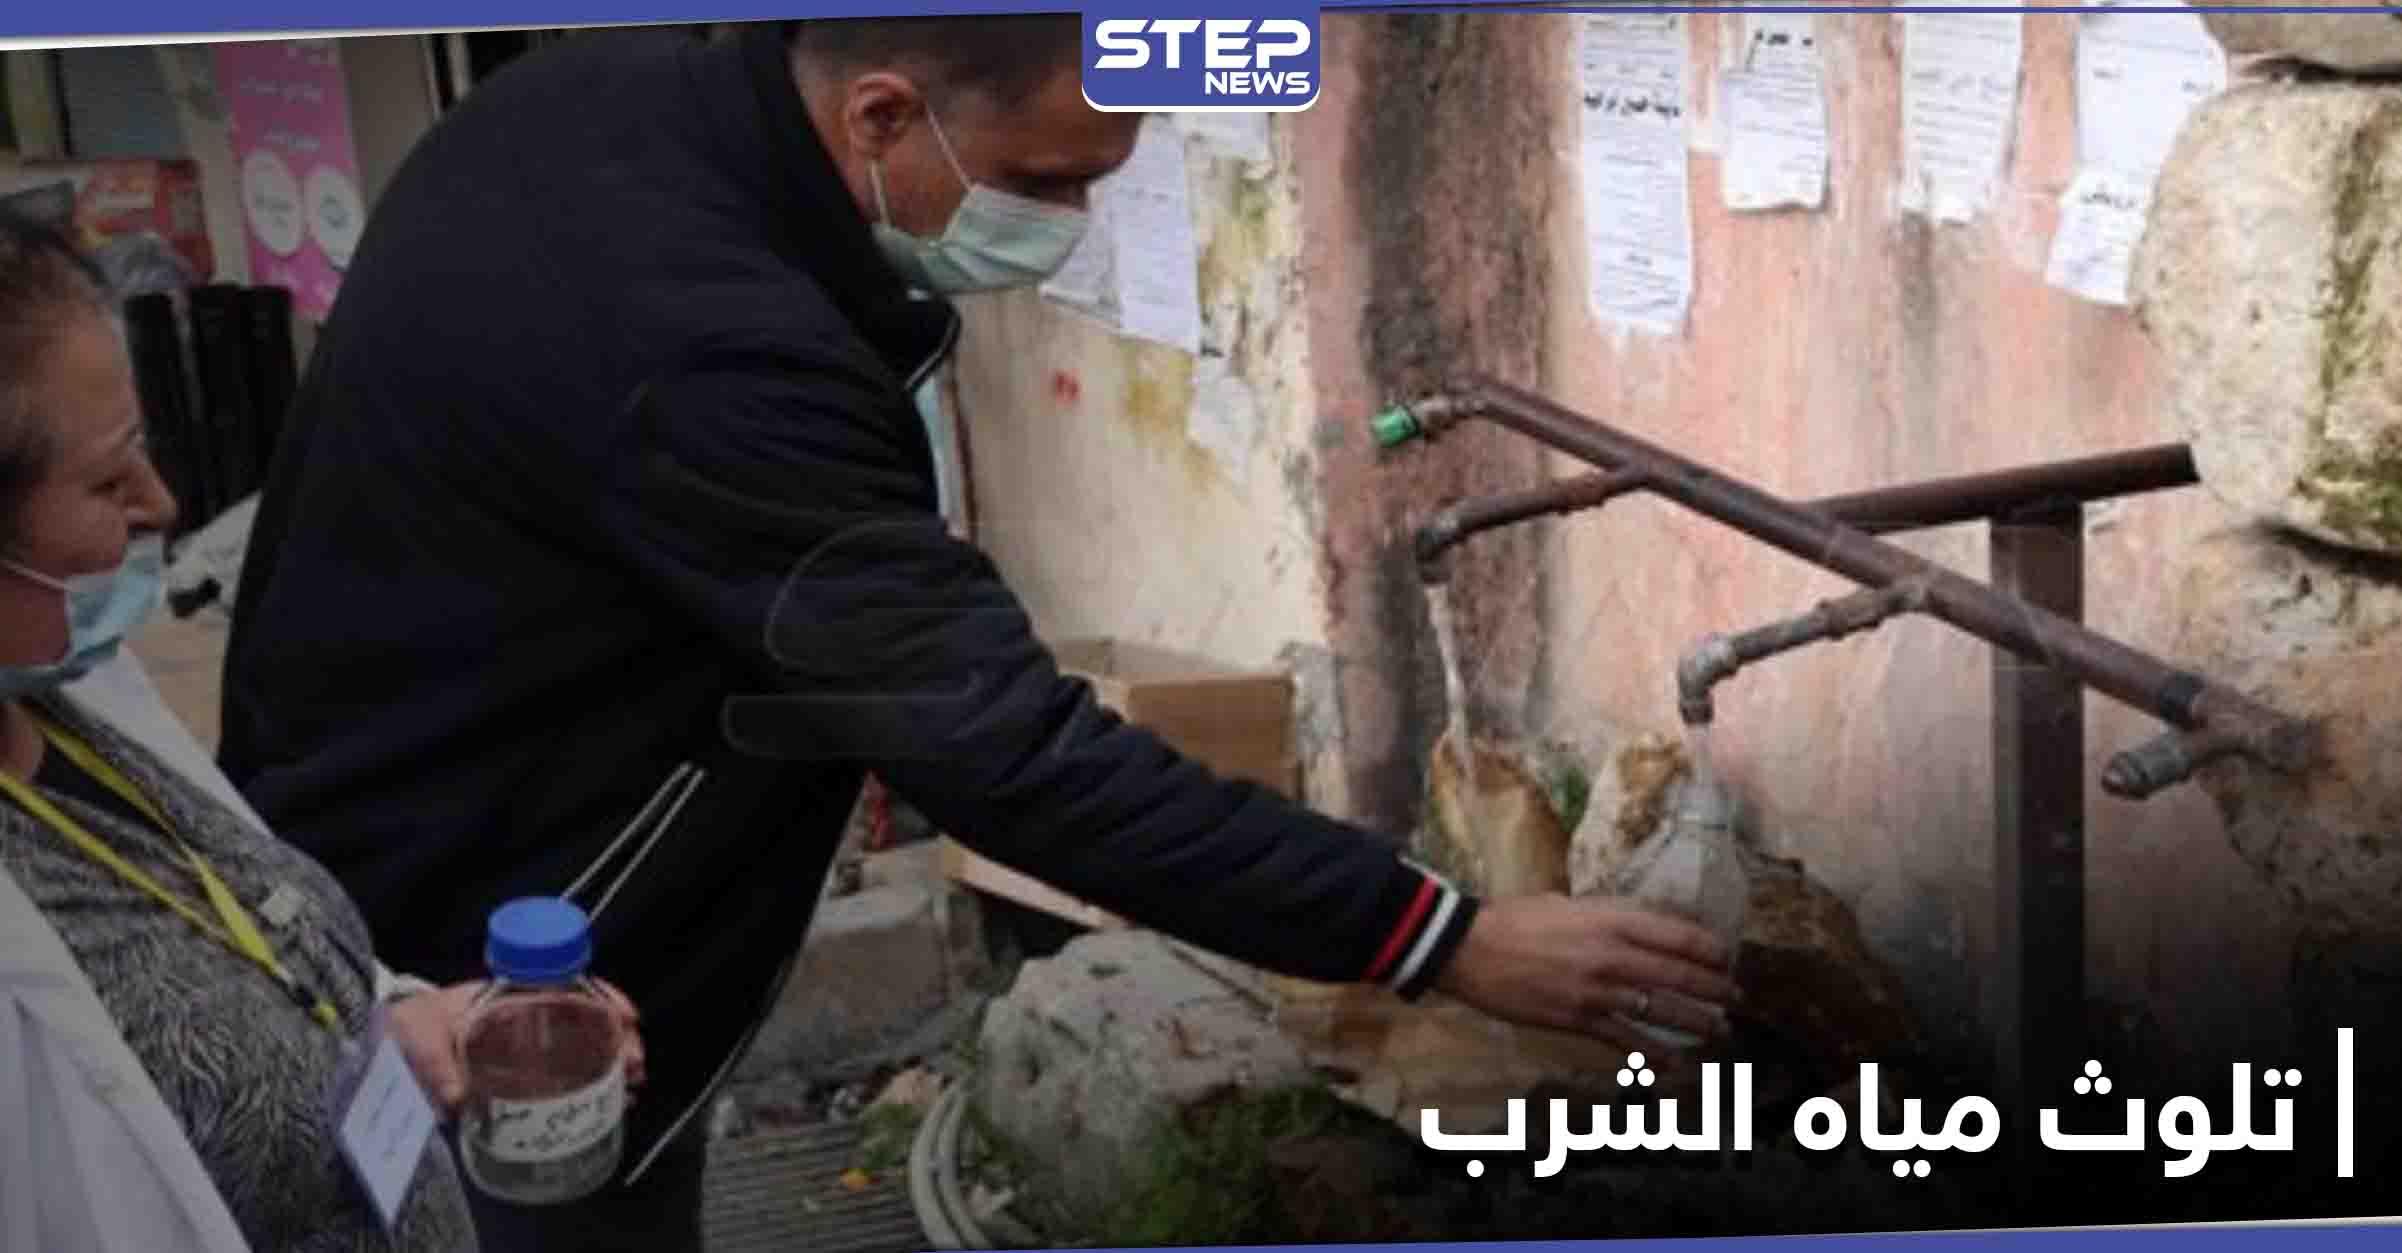 عشرات الإصابات بــ فيروس التهاب الكبد A في اللاذقية بسبب مياه الشرب.. وصحة النظام السوري توضح